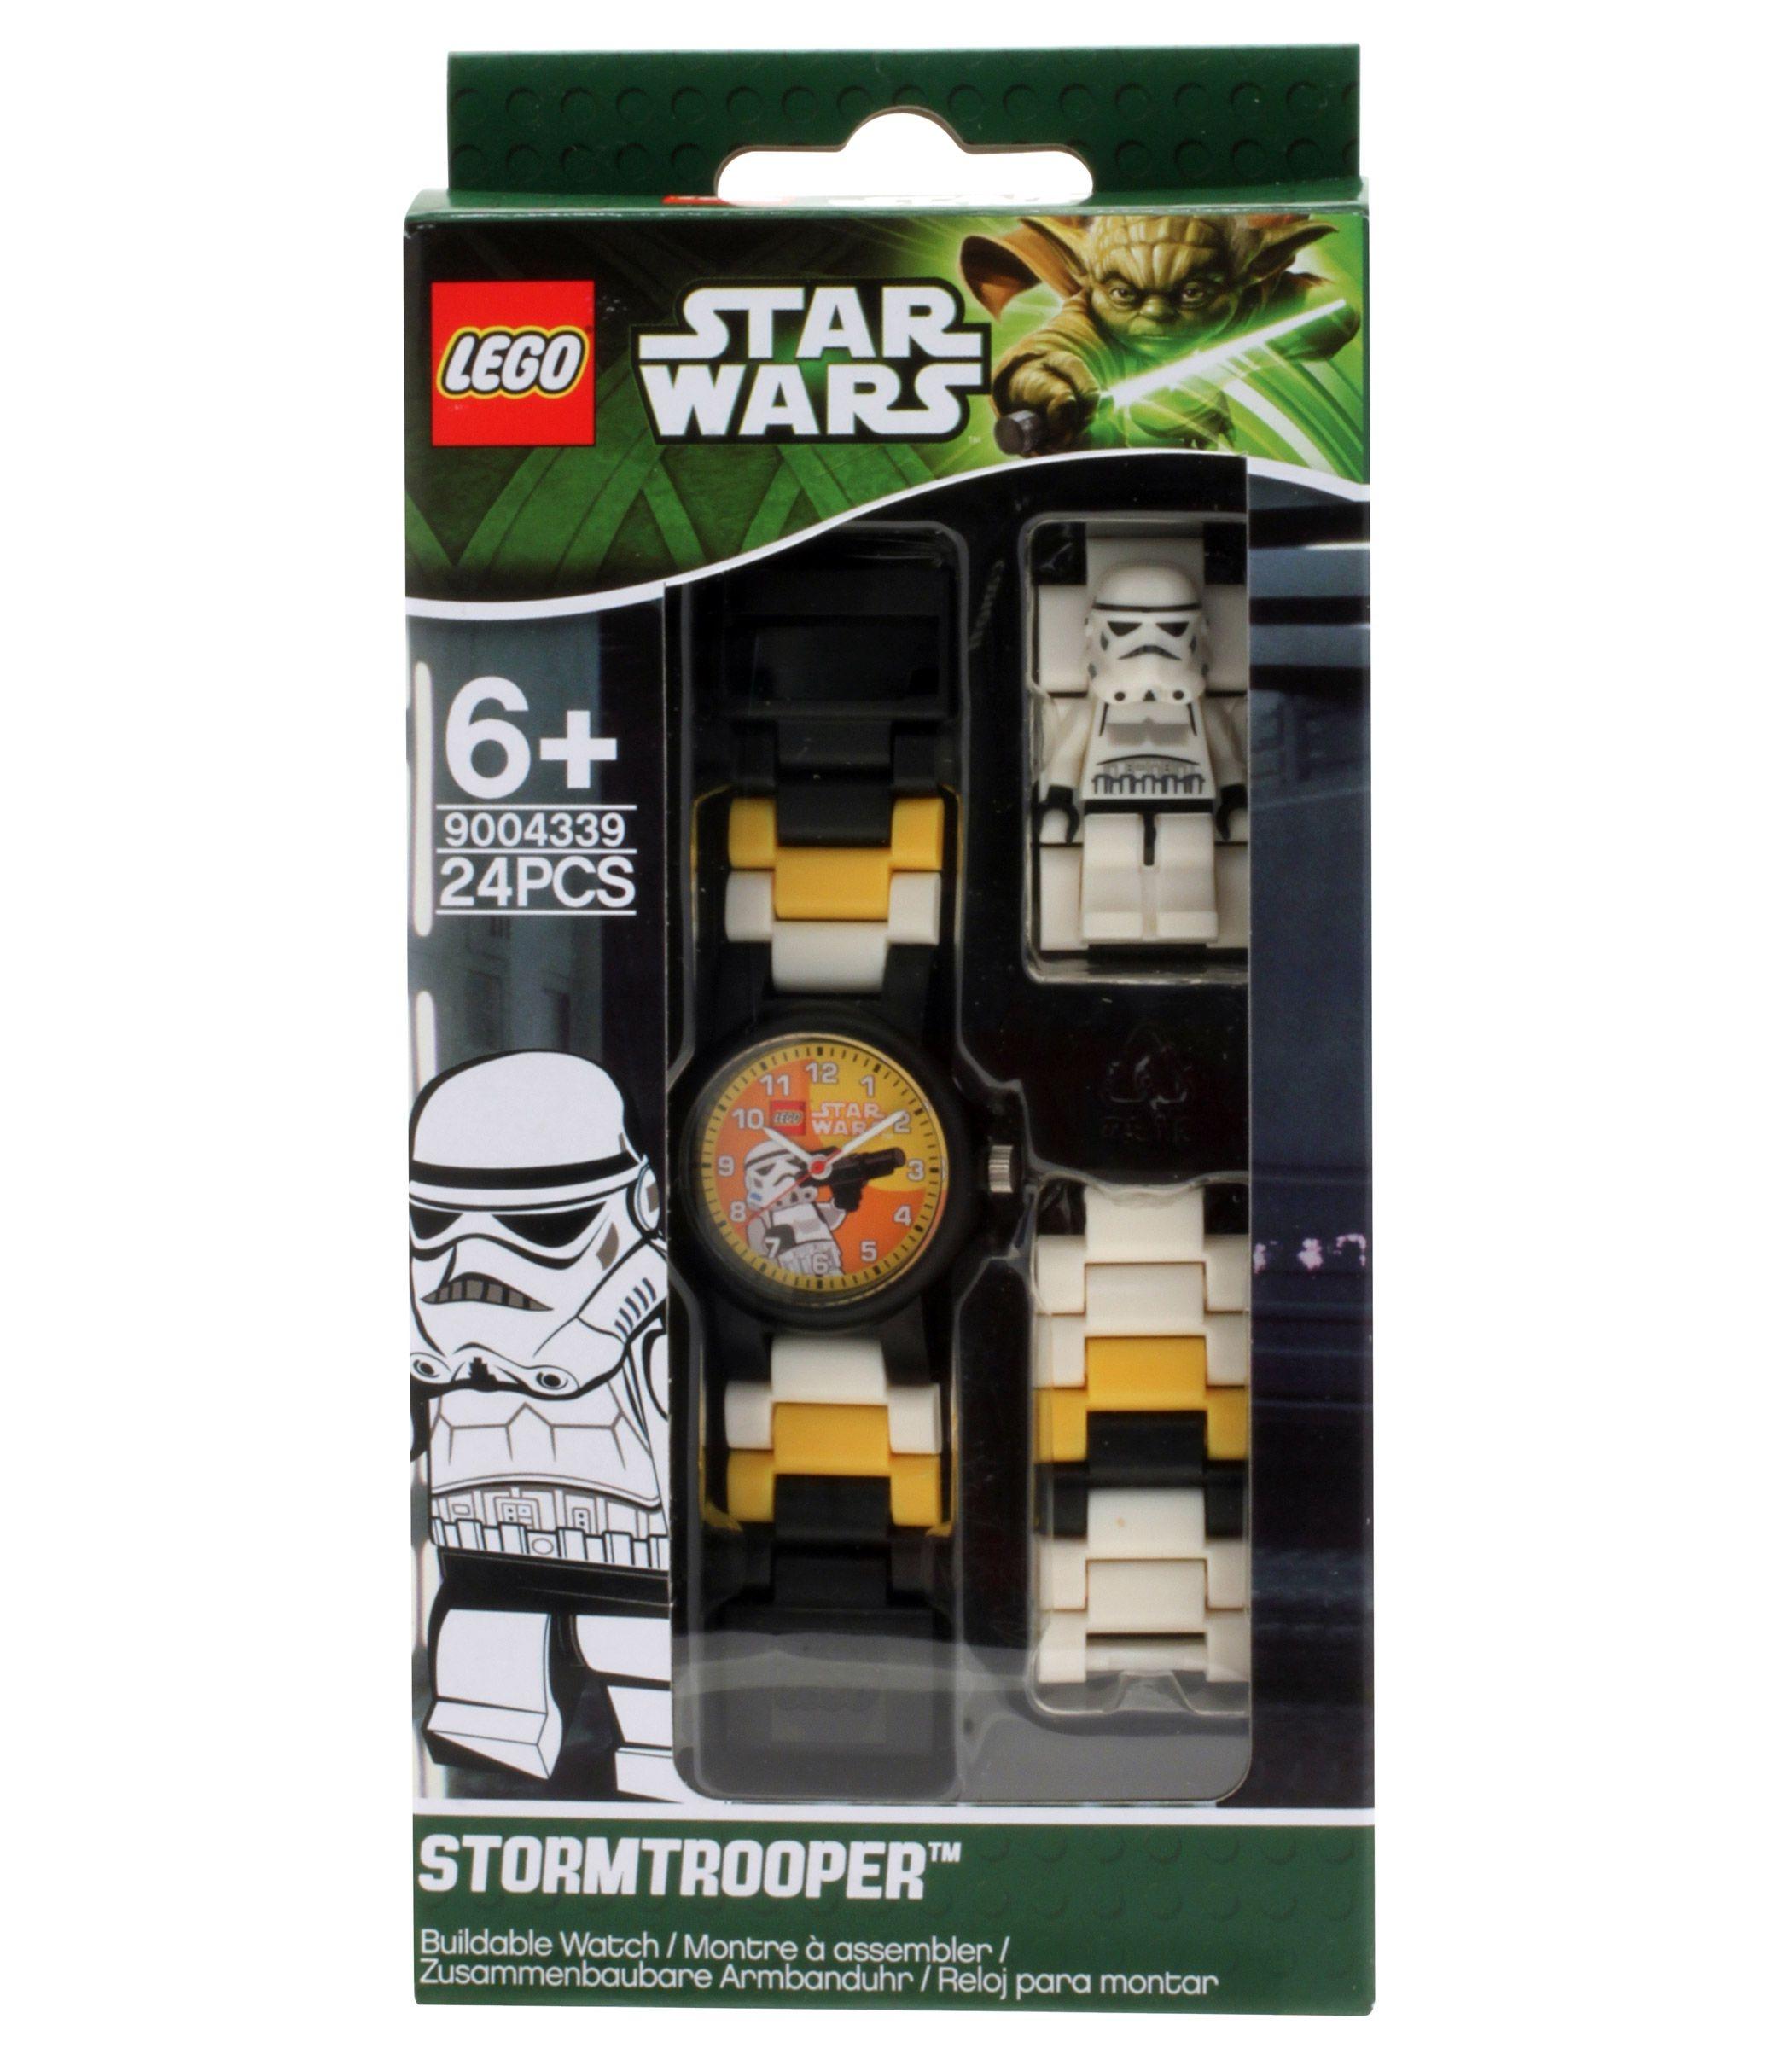 Lego Uhr Wars Uhr Uhr Stormtrooper Stormtrooper Lego Wars Star Lego Star WEHDI29Y